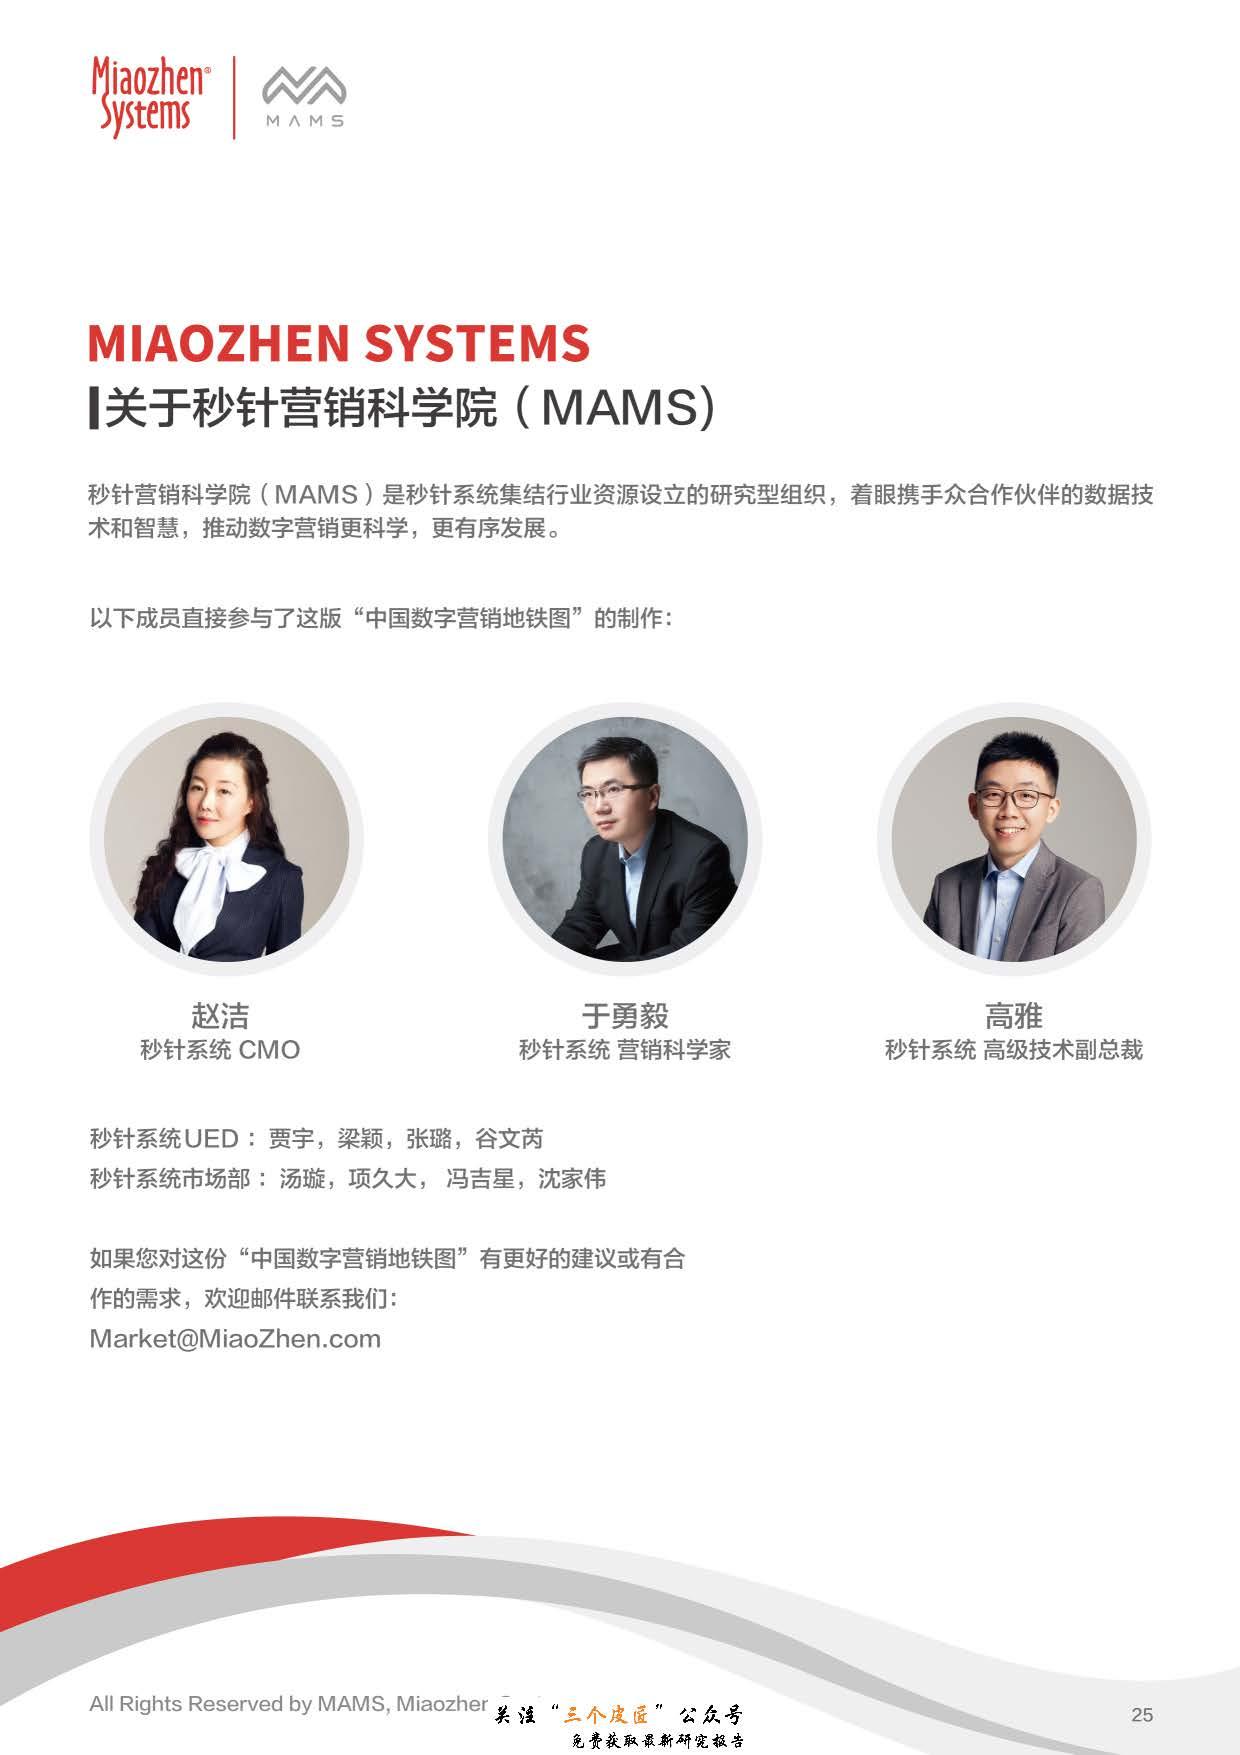 秒针:解读中国数字营销地铁图(28页)_页面_26.jpg